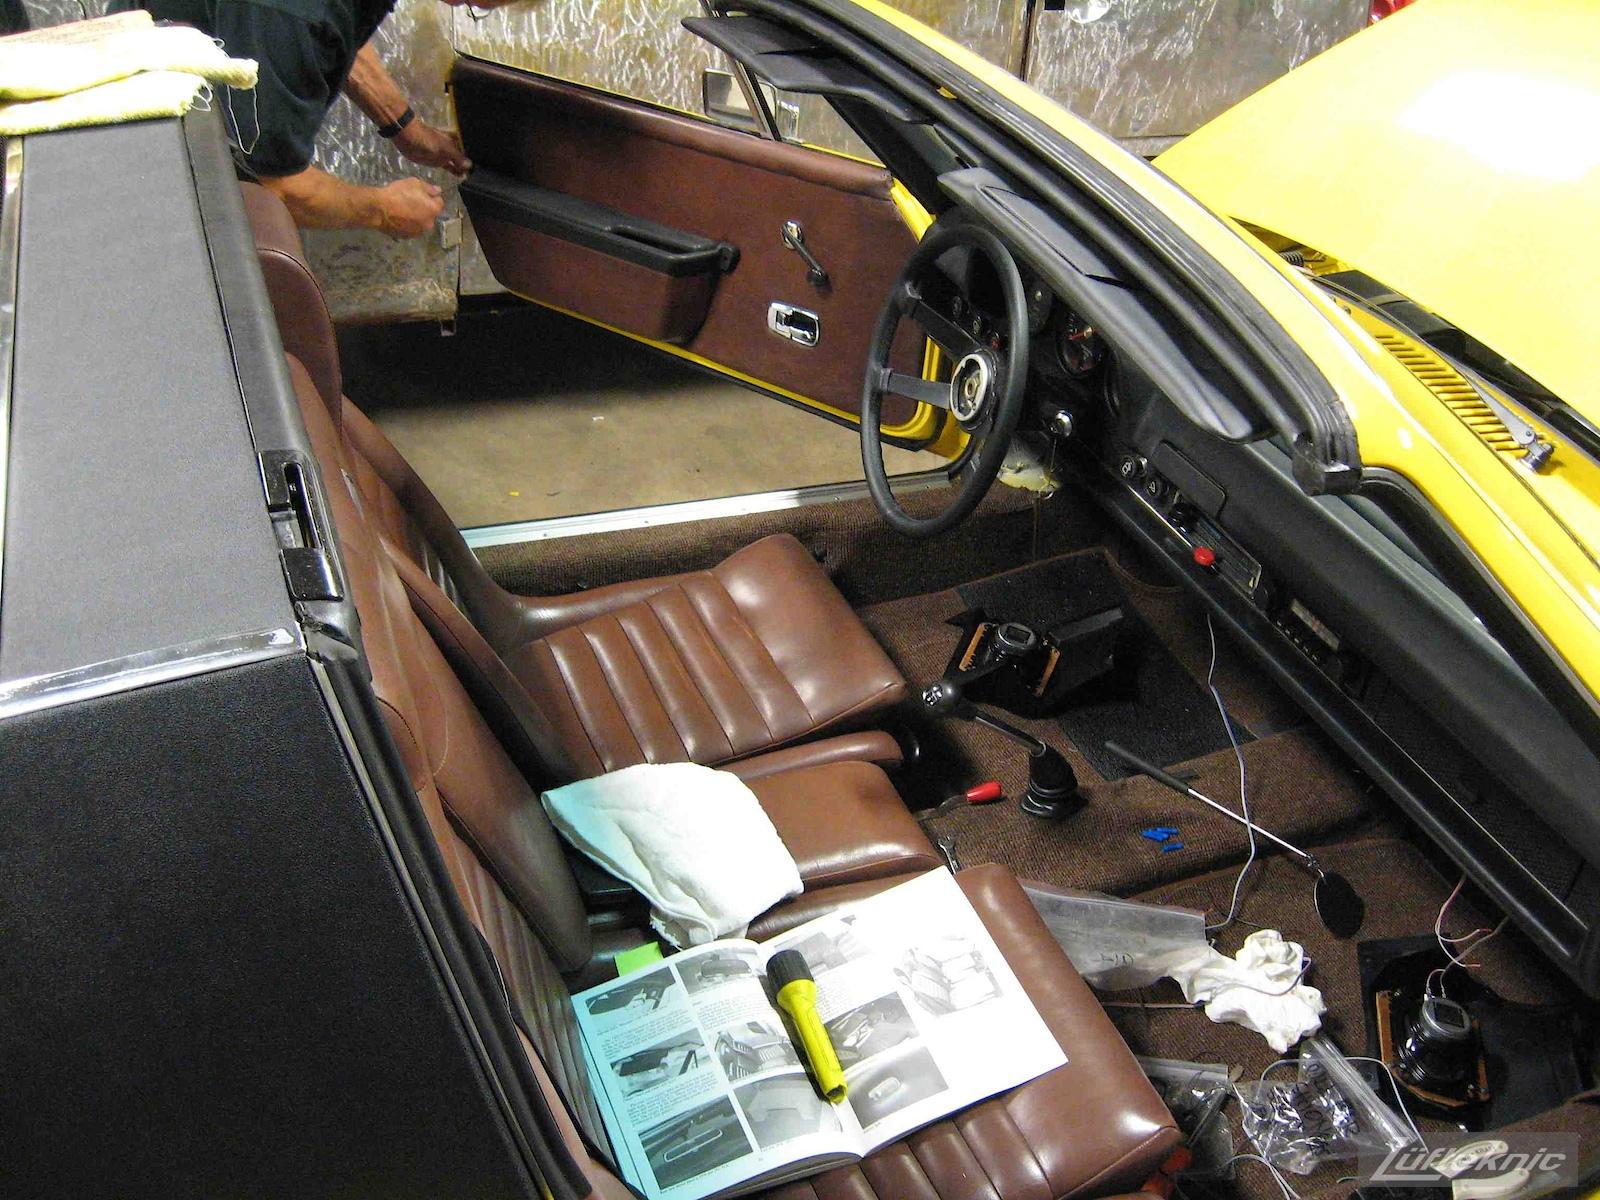 Brown original interior installed into a restored yellow Porsche 914 at Lufteknic.